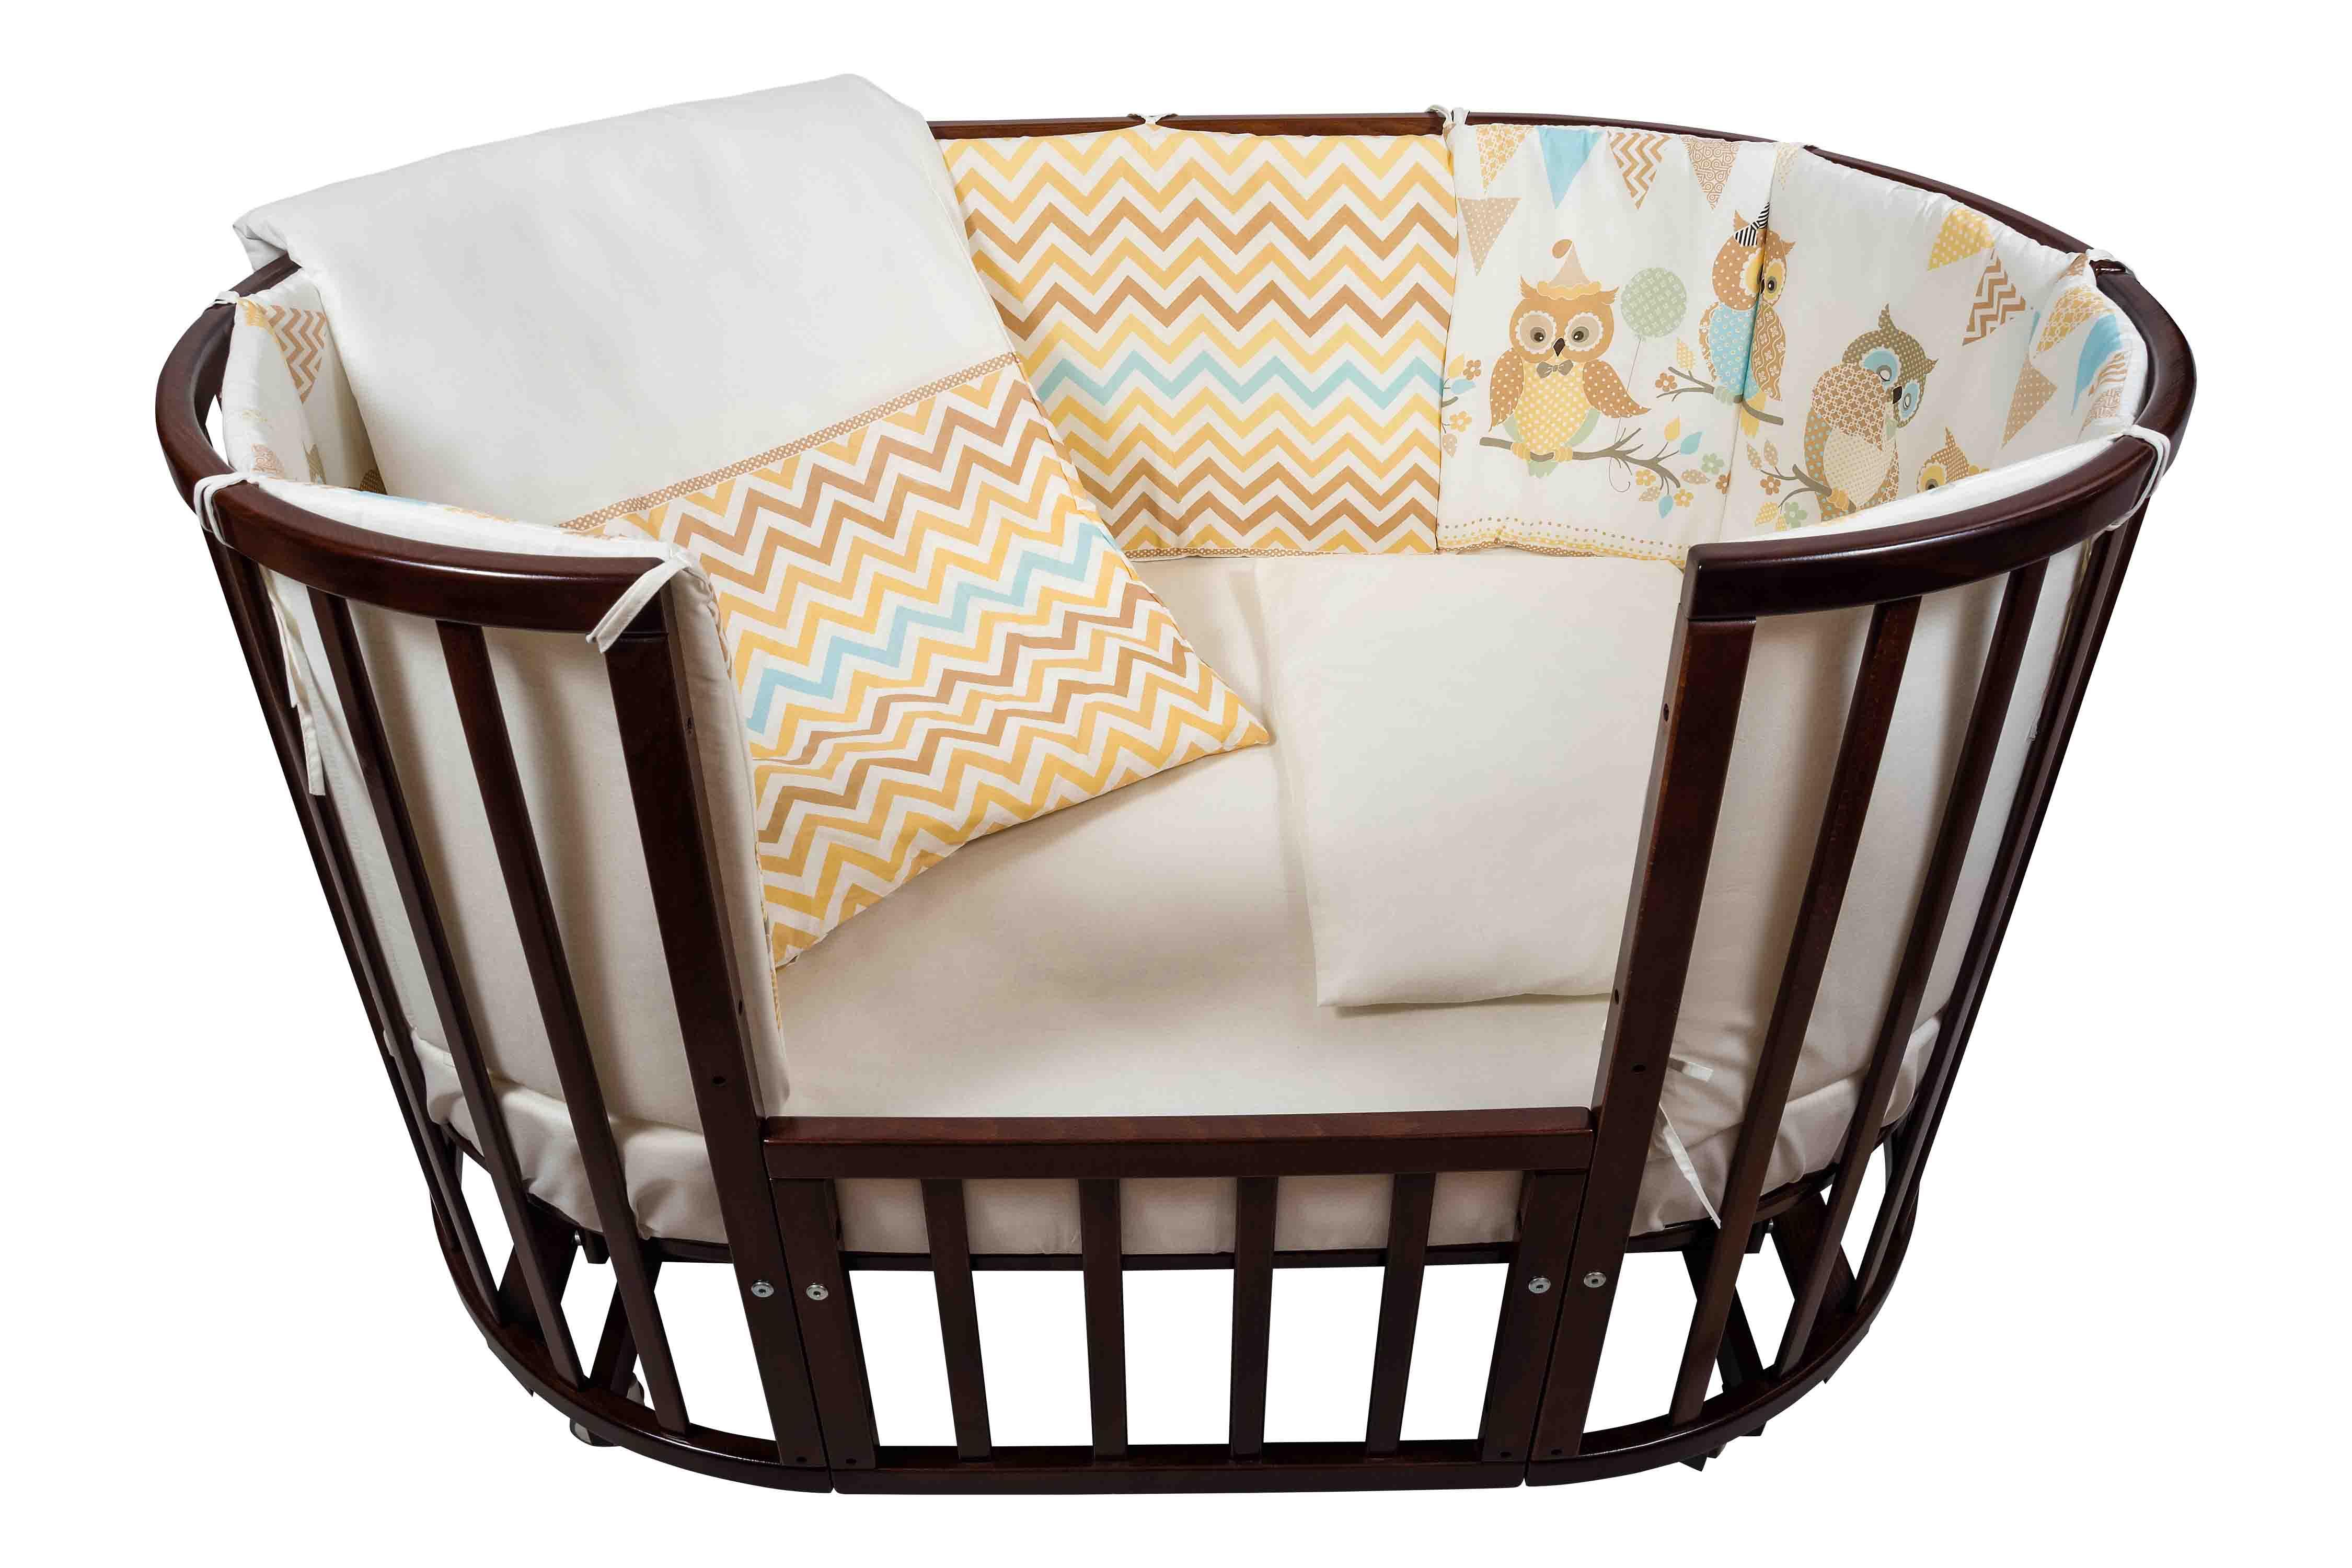 Комплект для кроватки Nuovita – Gufi, 6 предметов, бежевыйДетское постельное белье<br>Комплект для кроватки Nuovita – Gufi, 6 предметов, бежевый<br>